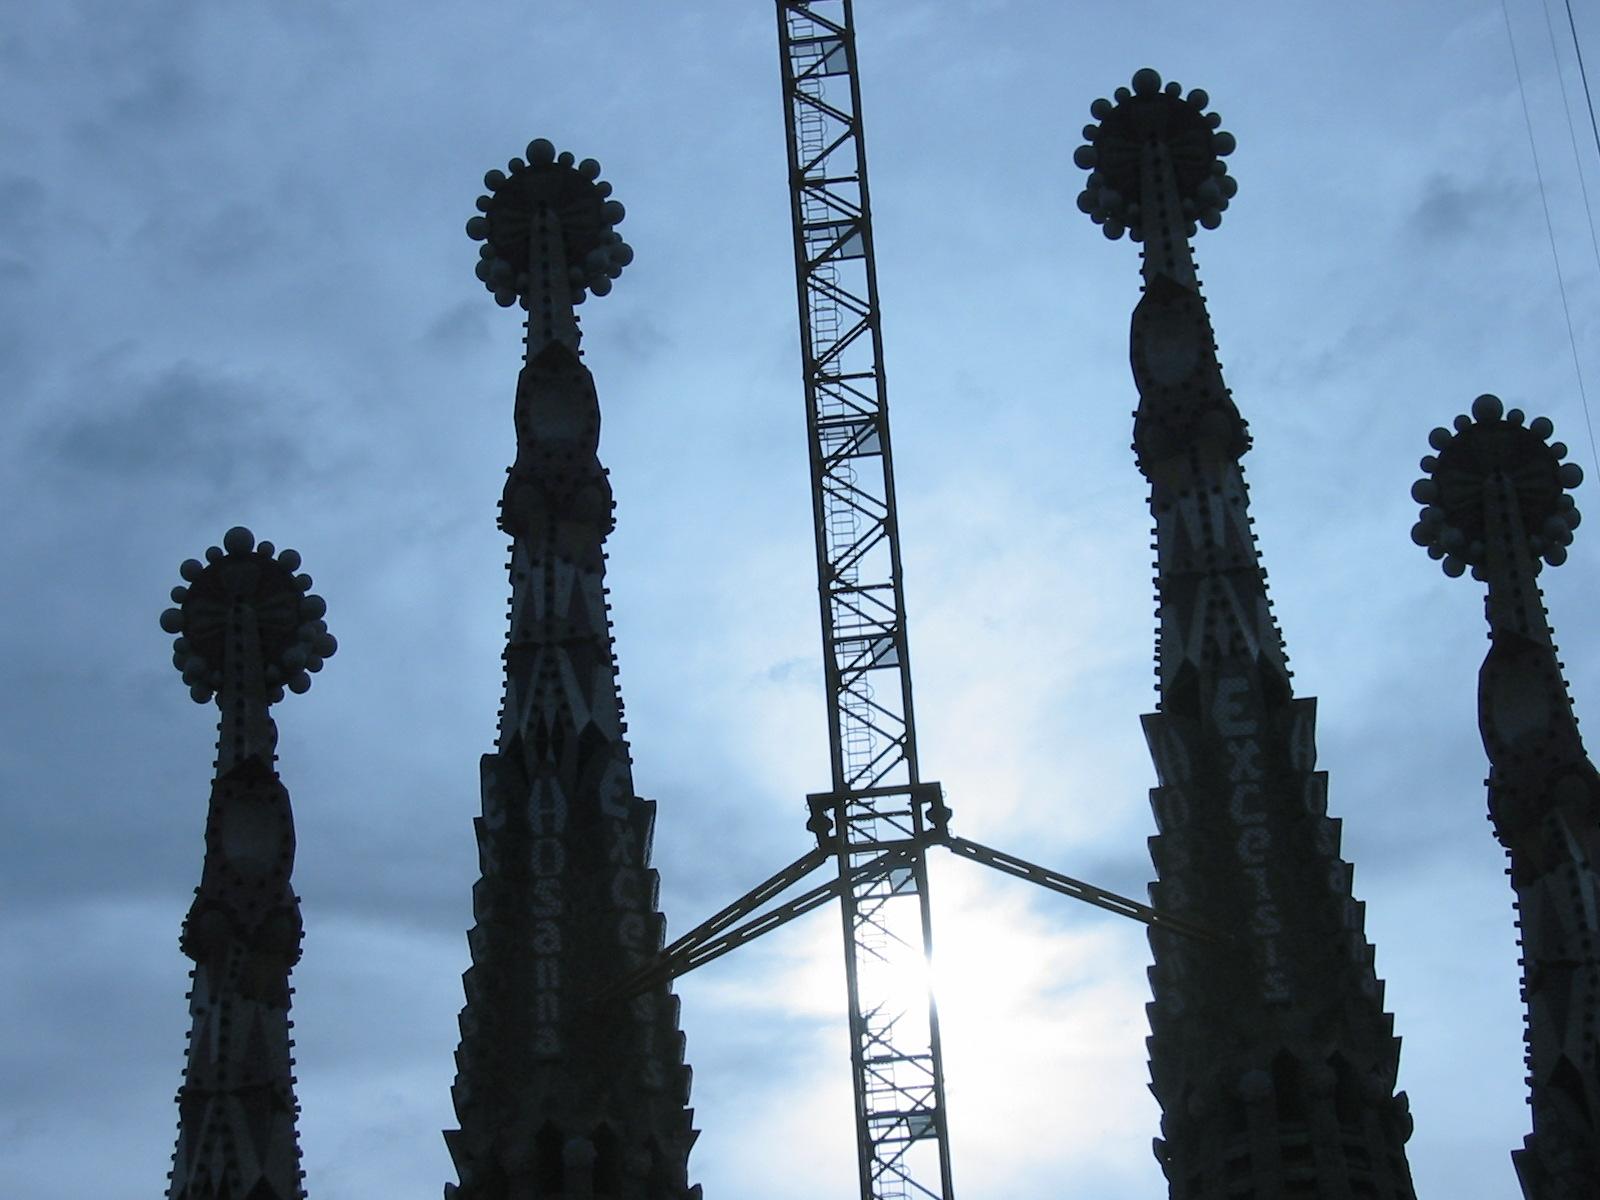 barcelona gaudi Sagrada Familia sun silhouette blue sky